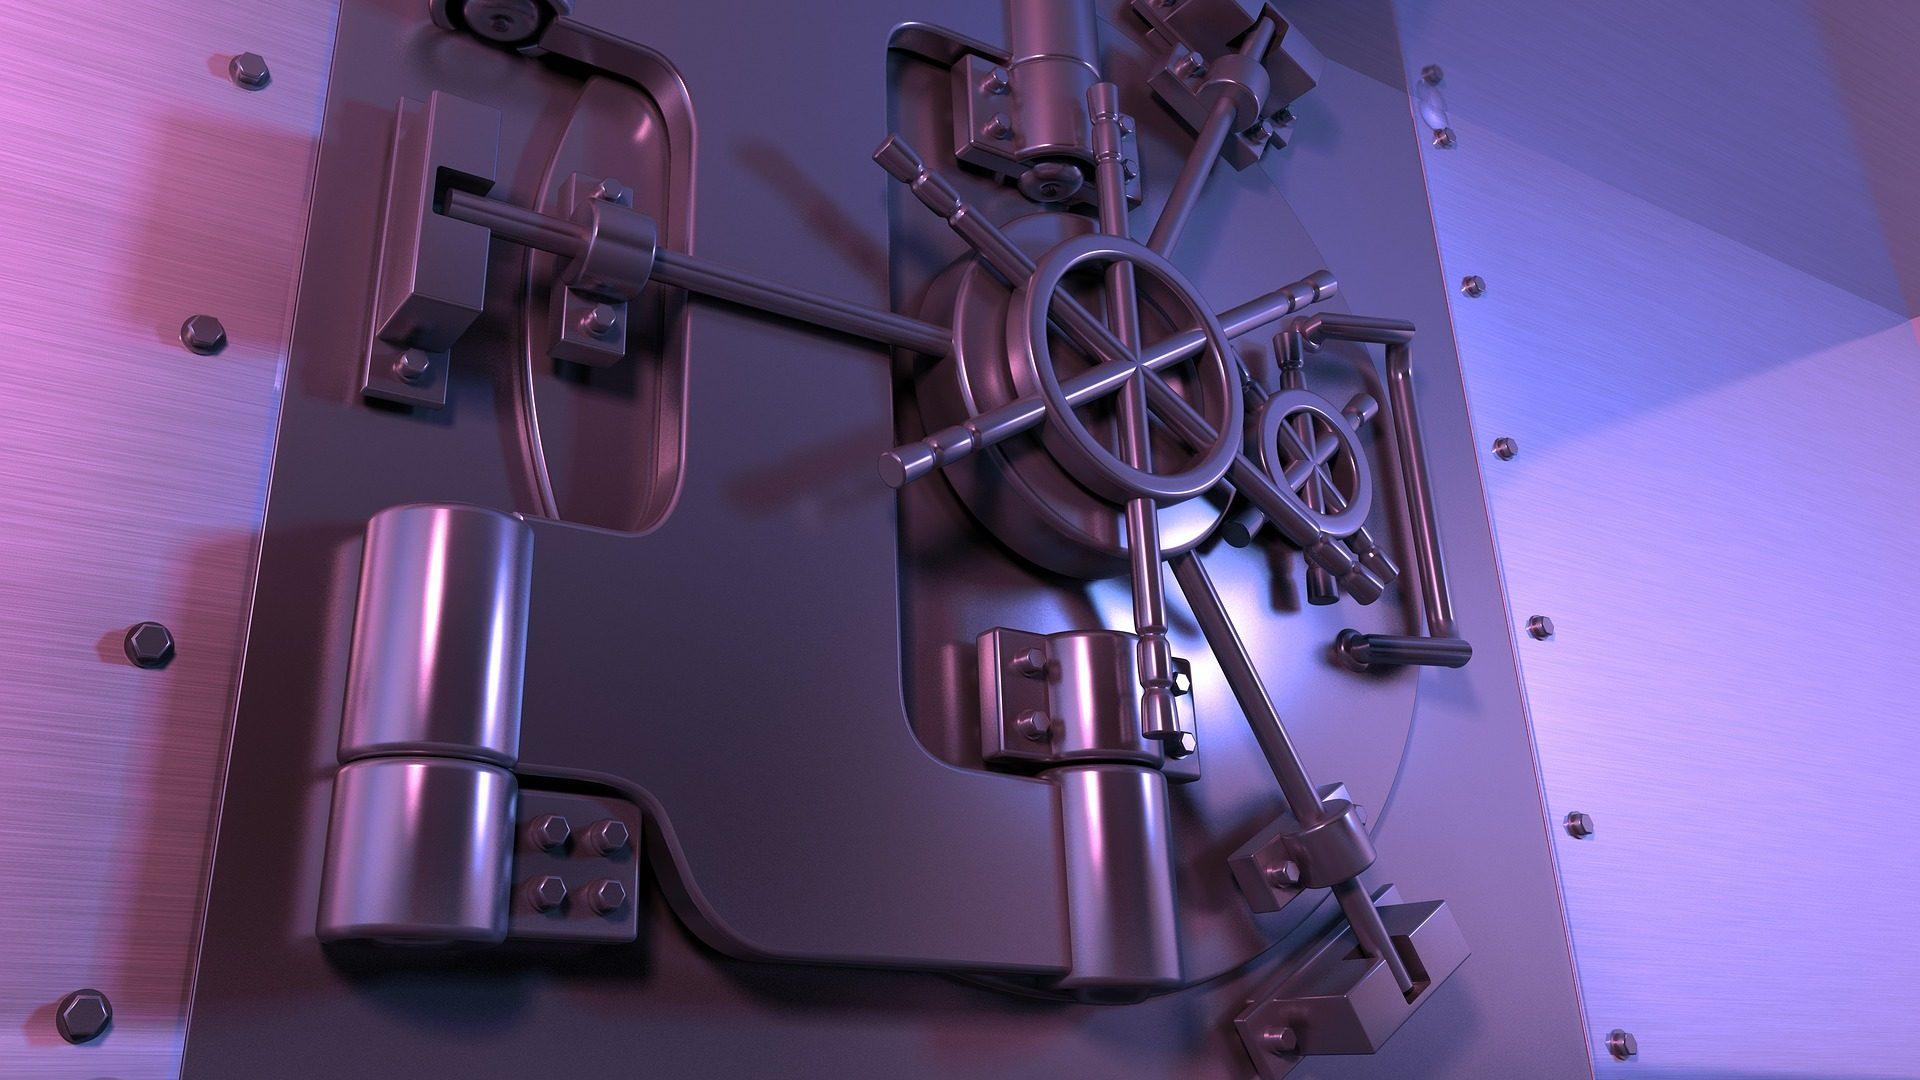 האם כספות שנפרצו מכוסות בביטוח מבנה או שהן נחשבות כתכולה?